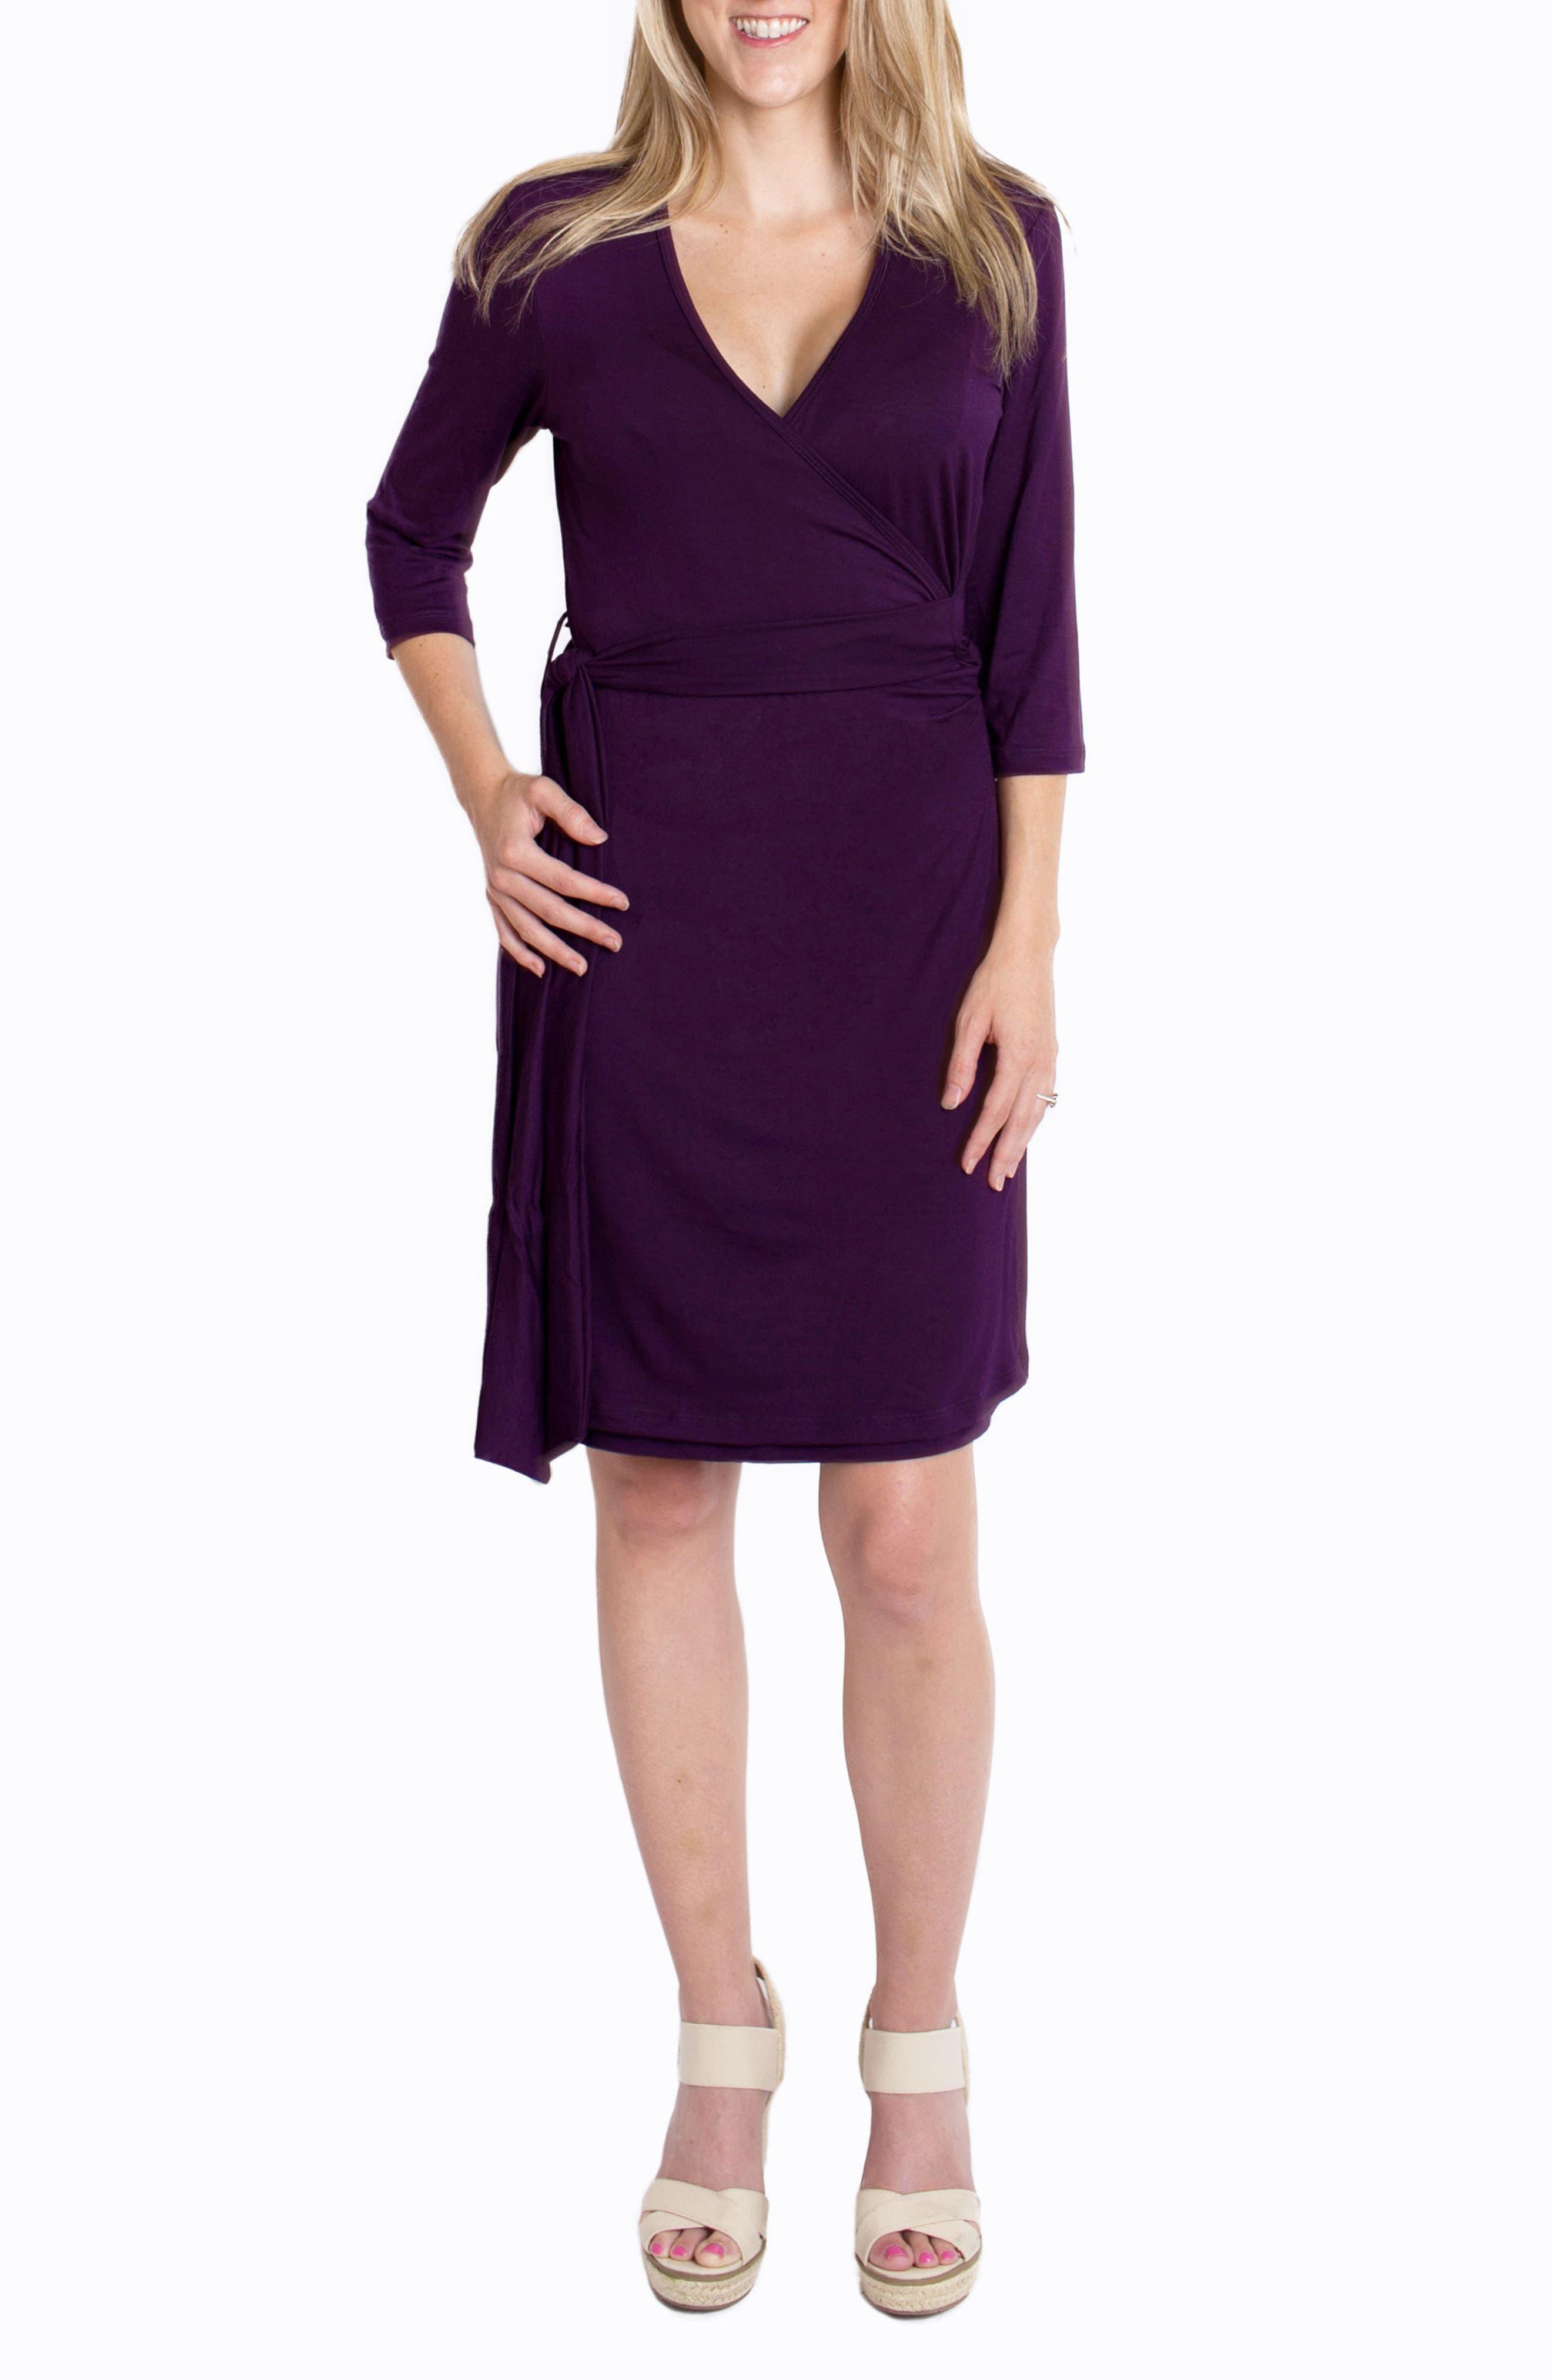 Udderly Hot Mama 'Whimsical' Nursing Wrap Dress